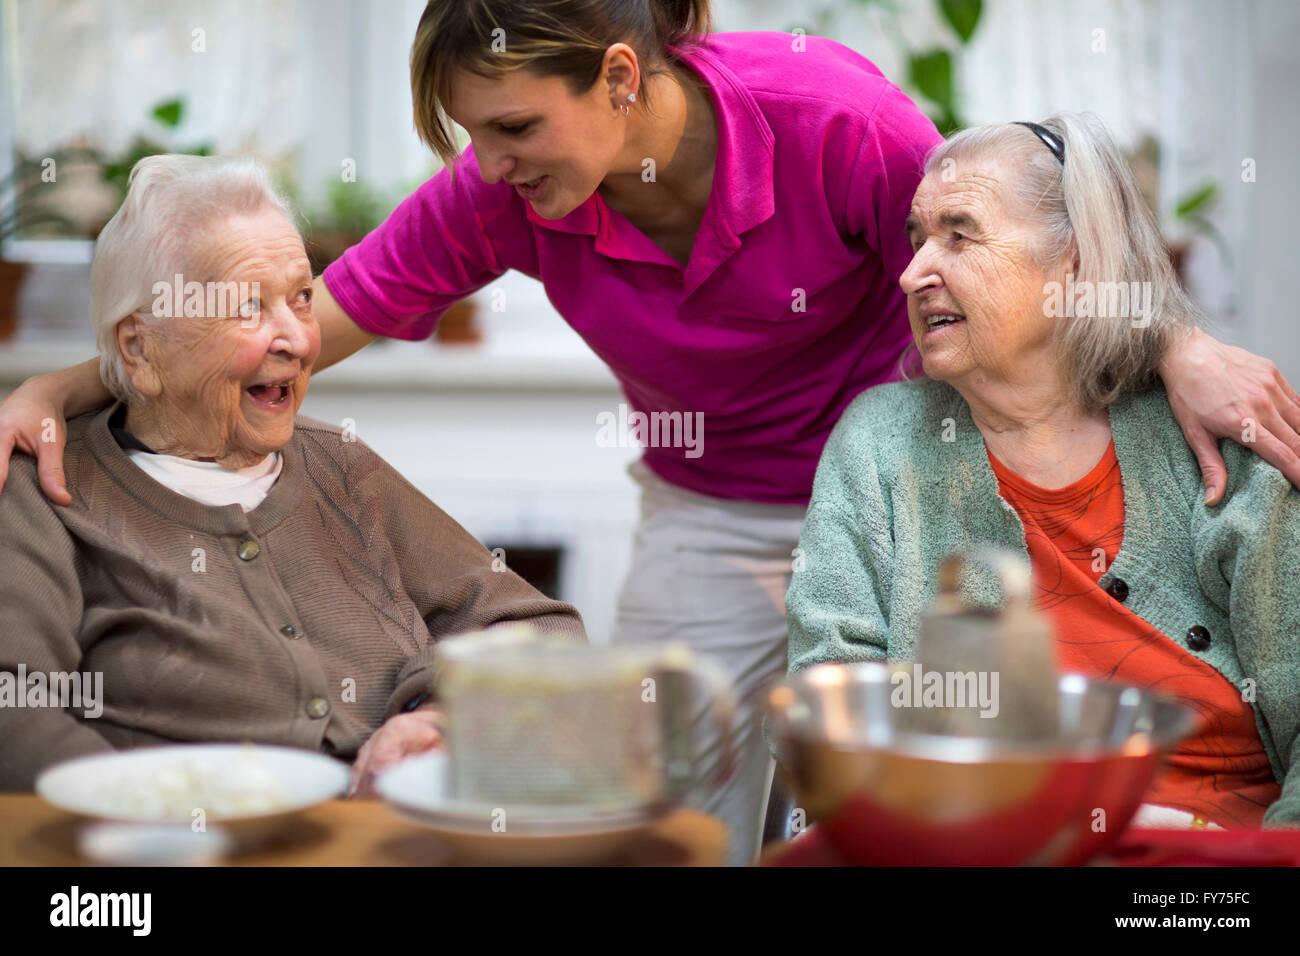 Due donne anziane, 78 anni e 88 anni e un accompagnatore per anziani, 31 anni, attività per il tempo libero Immagini Stock